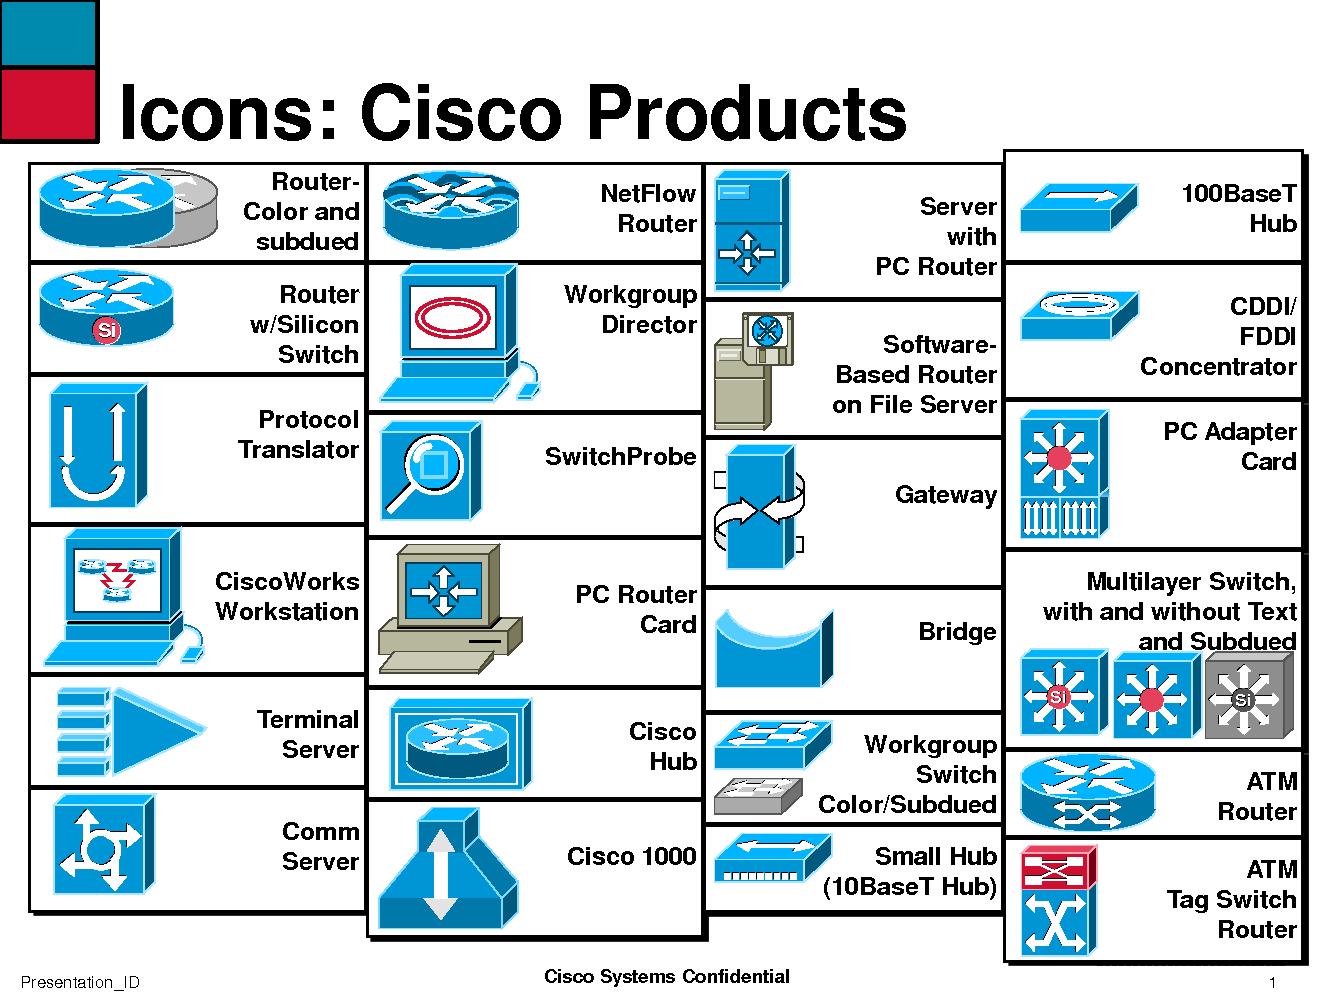 14 Cisco Switch Icon Images - Cisco Network Symbols, Cisco ...